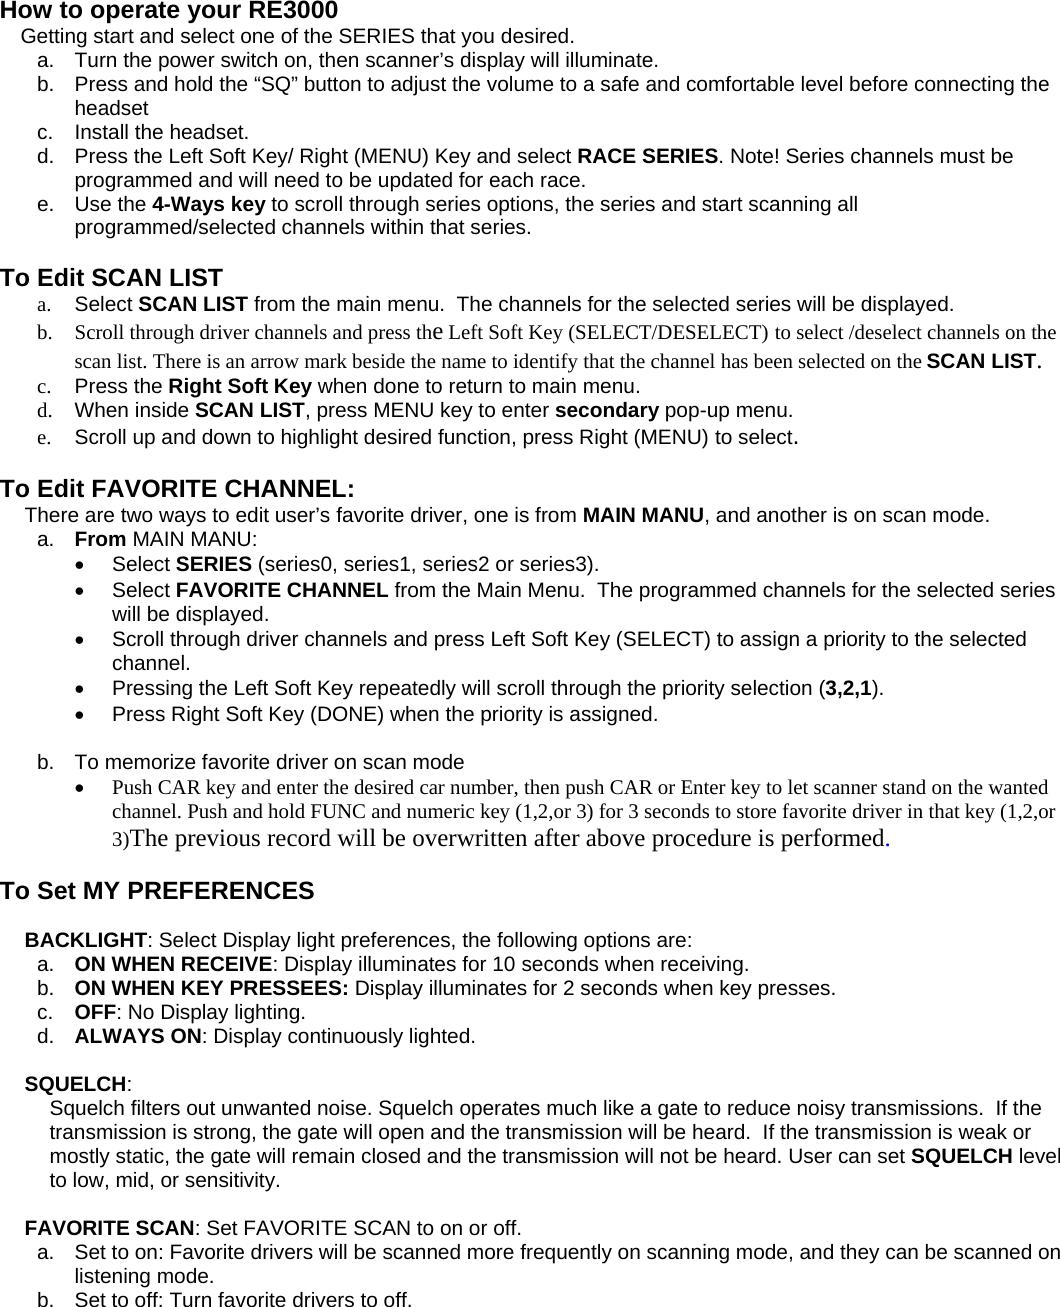 Racecar Re Fuse Manual Guide